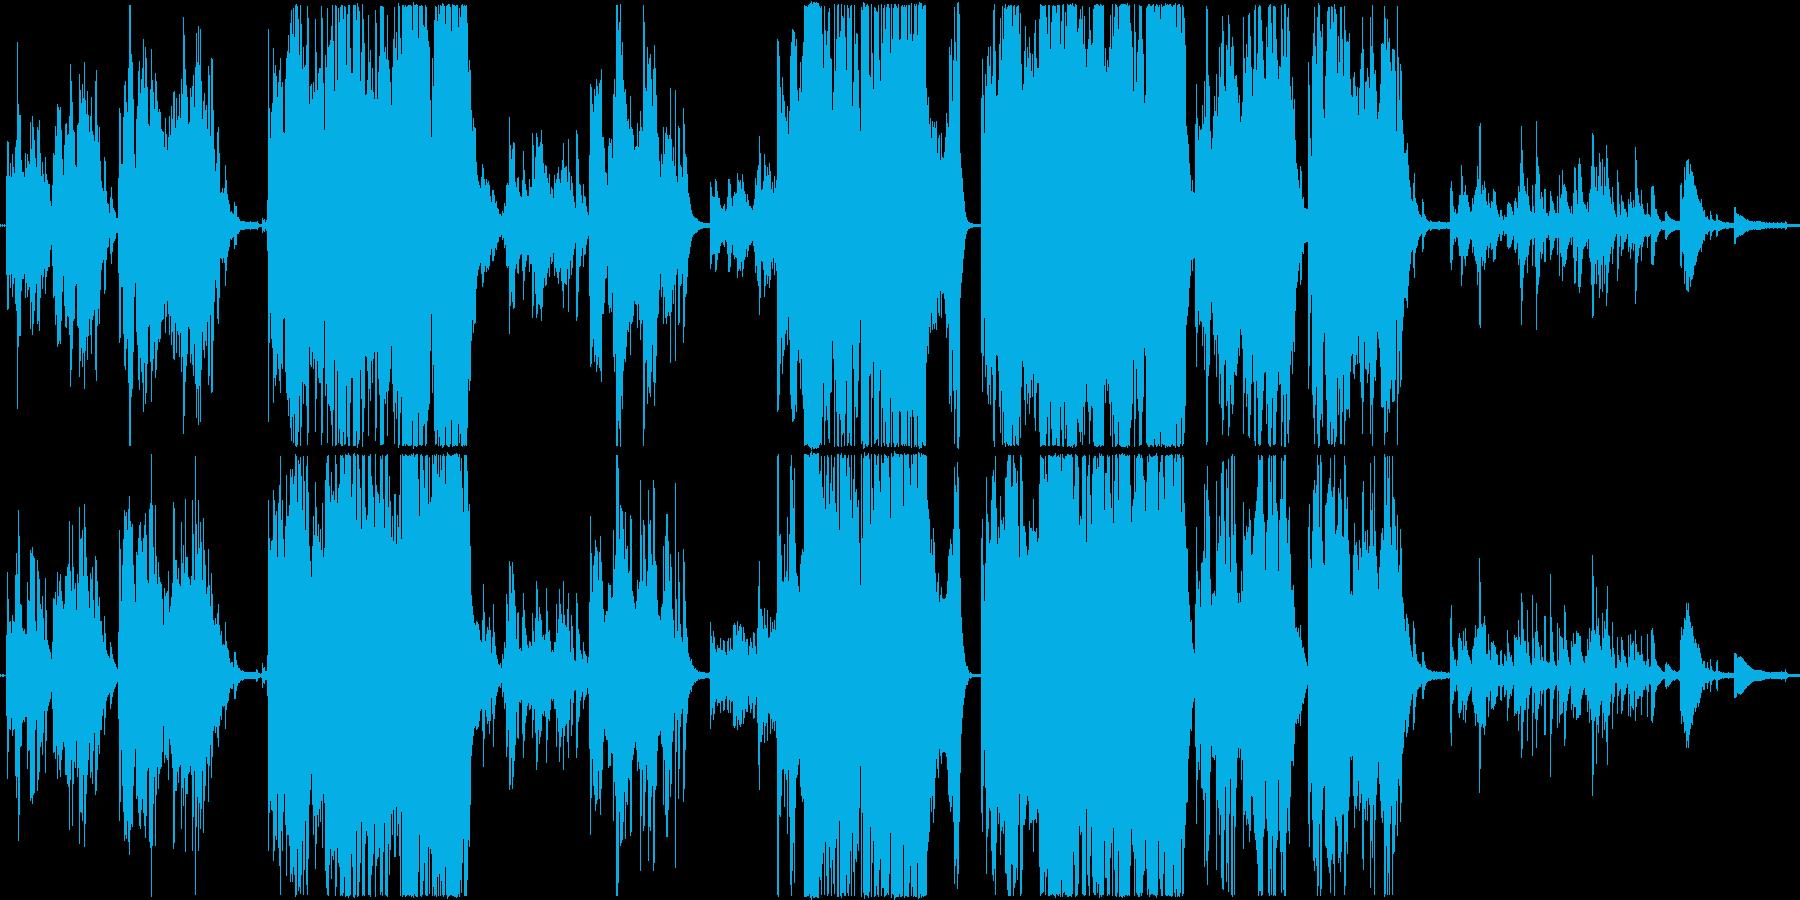 優しく幻想的な感動系ピアノ曲の再生済みの波形